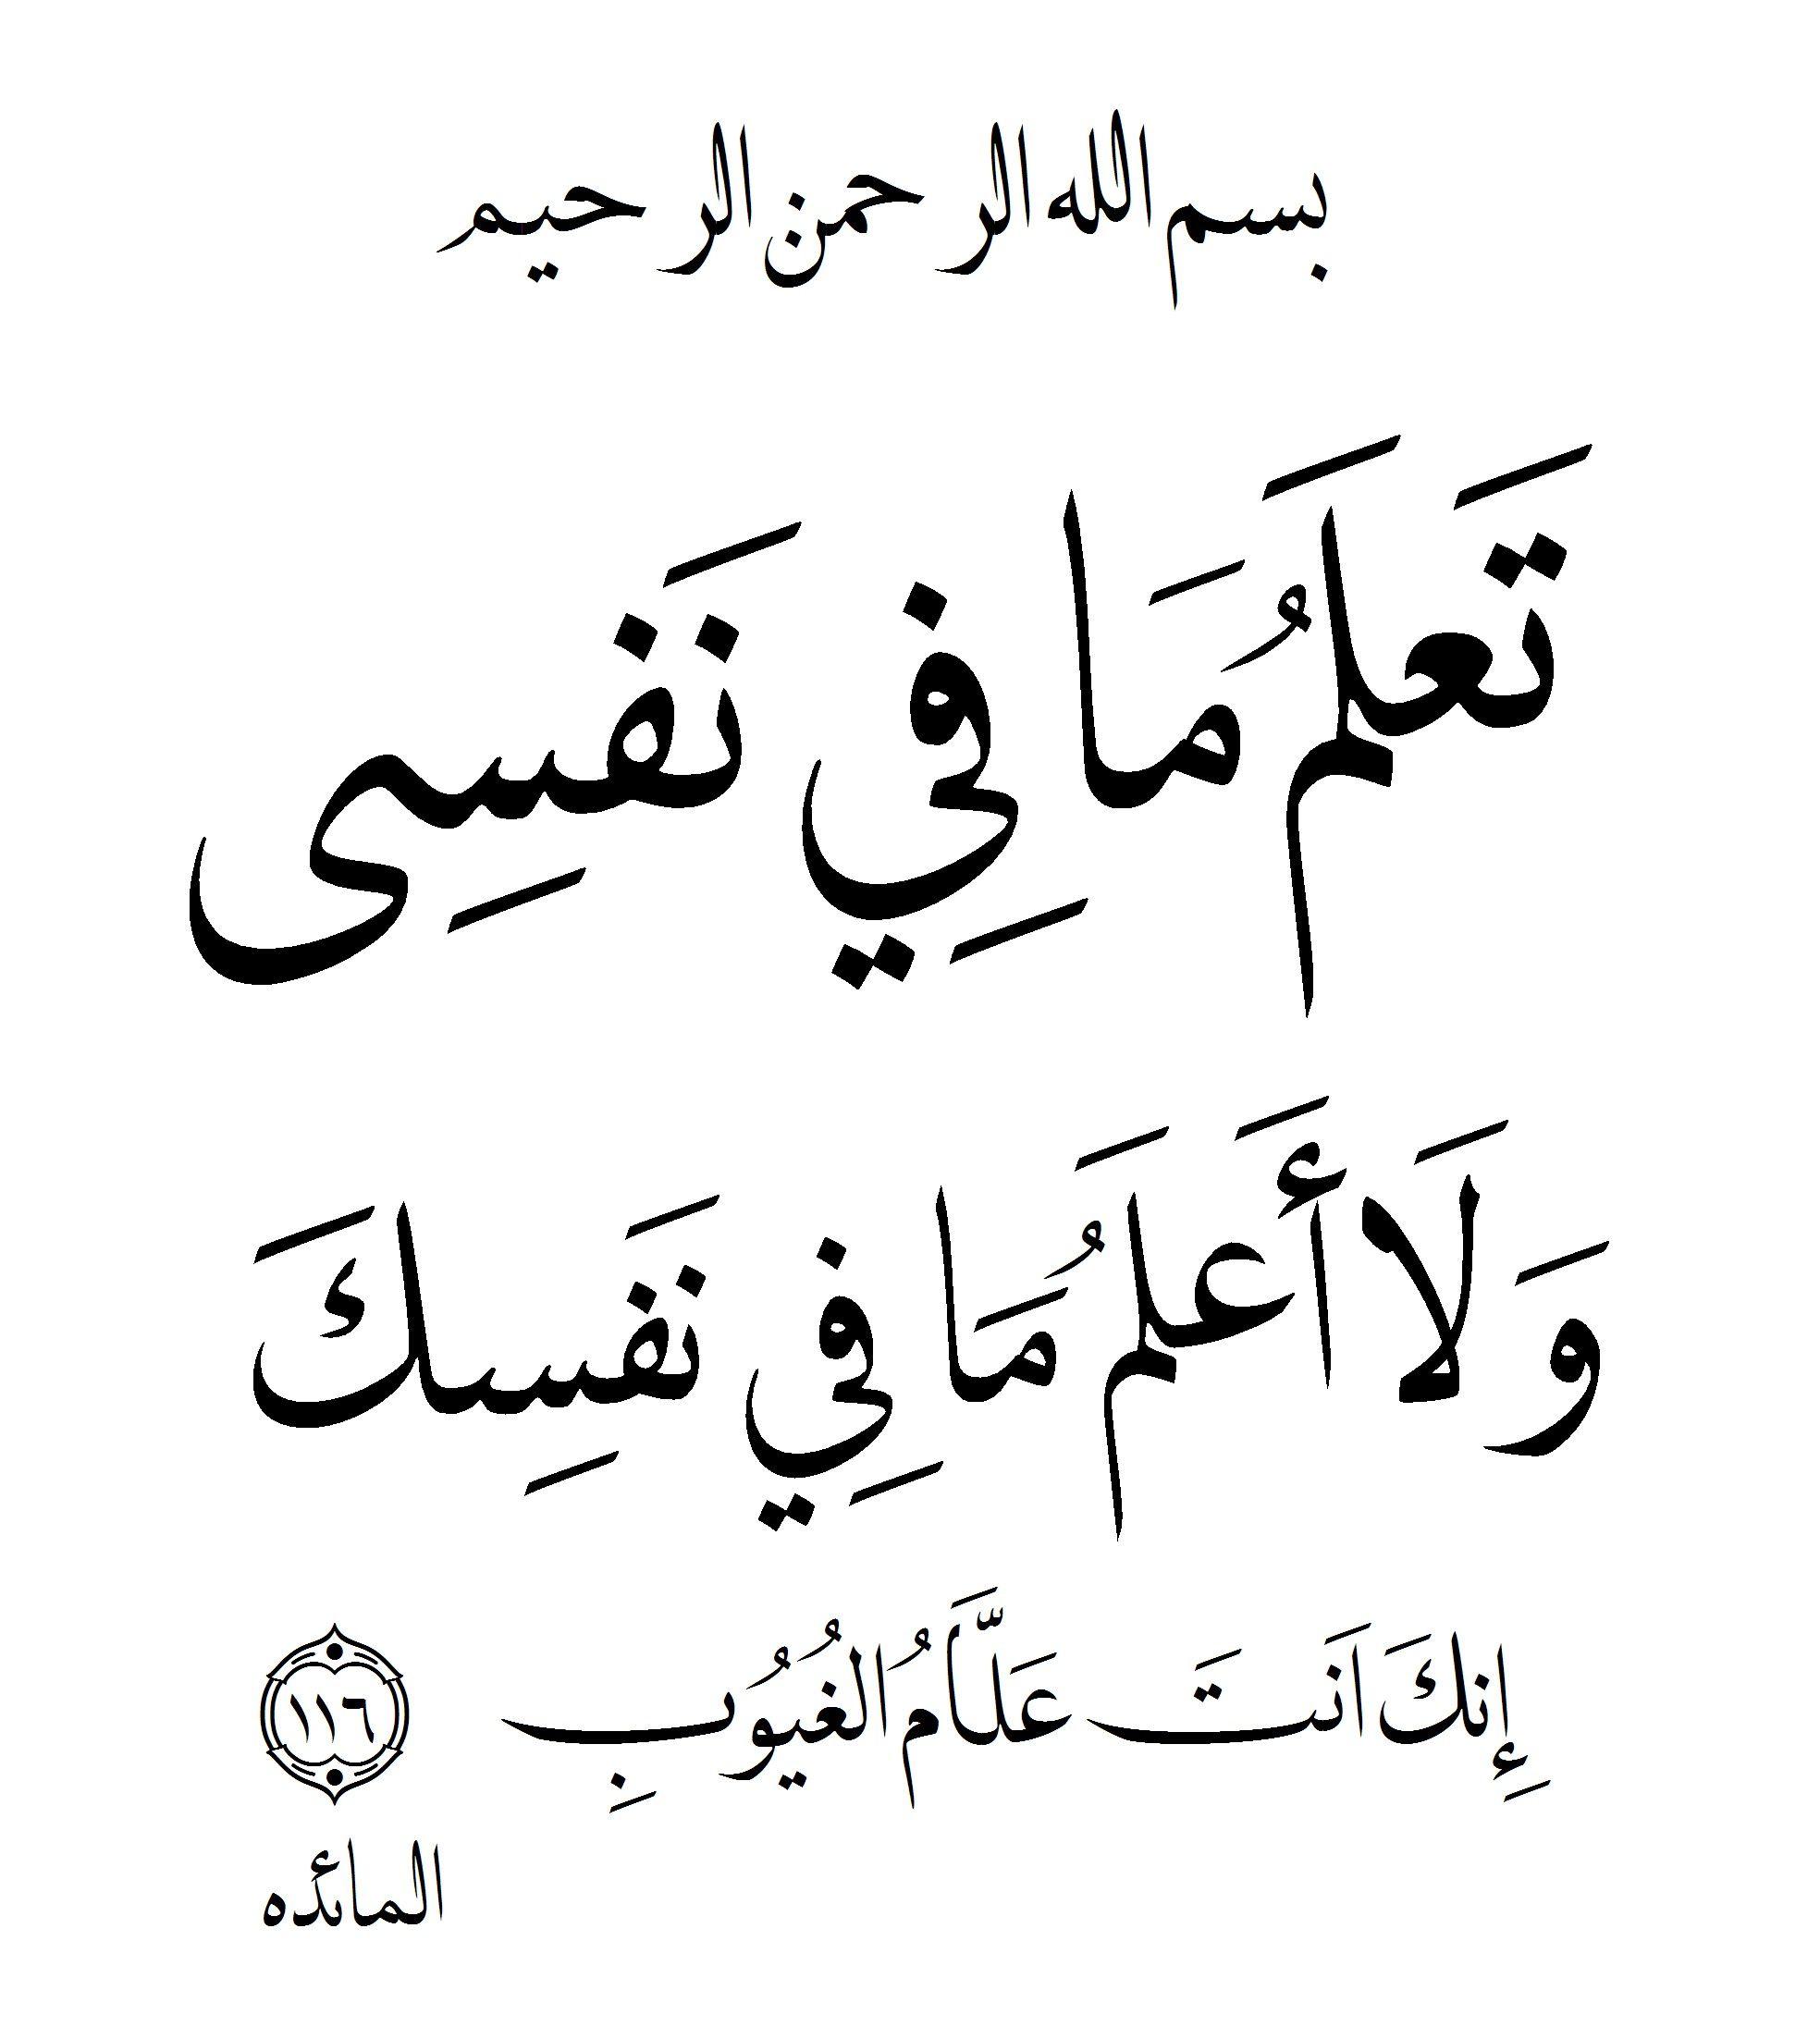 تعلم ما فى نفسى و لا اعلم ما فى نفسك Quran Verses Quran Quotes Verses Islamic Quotes